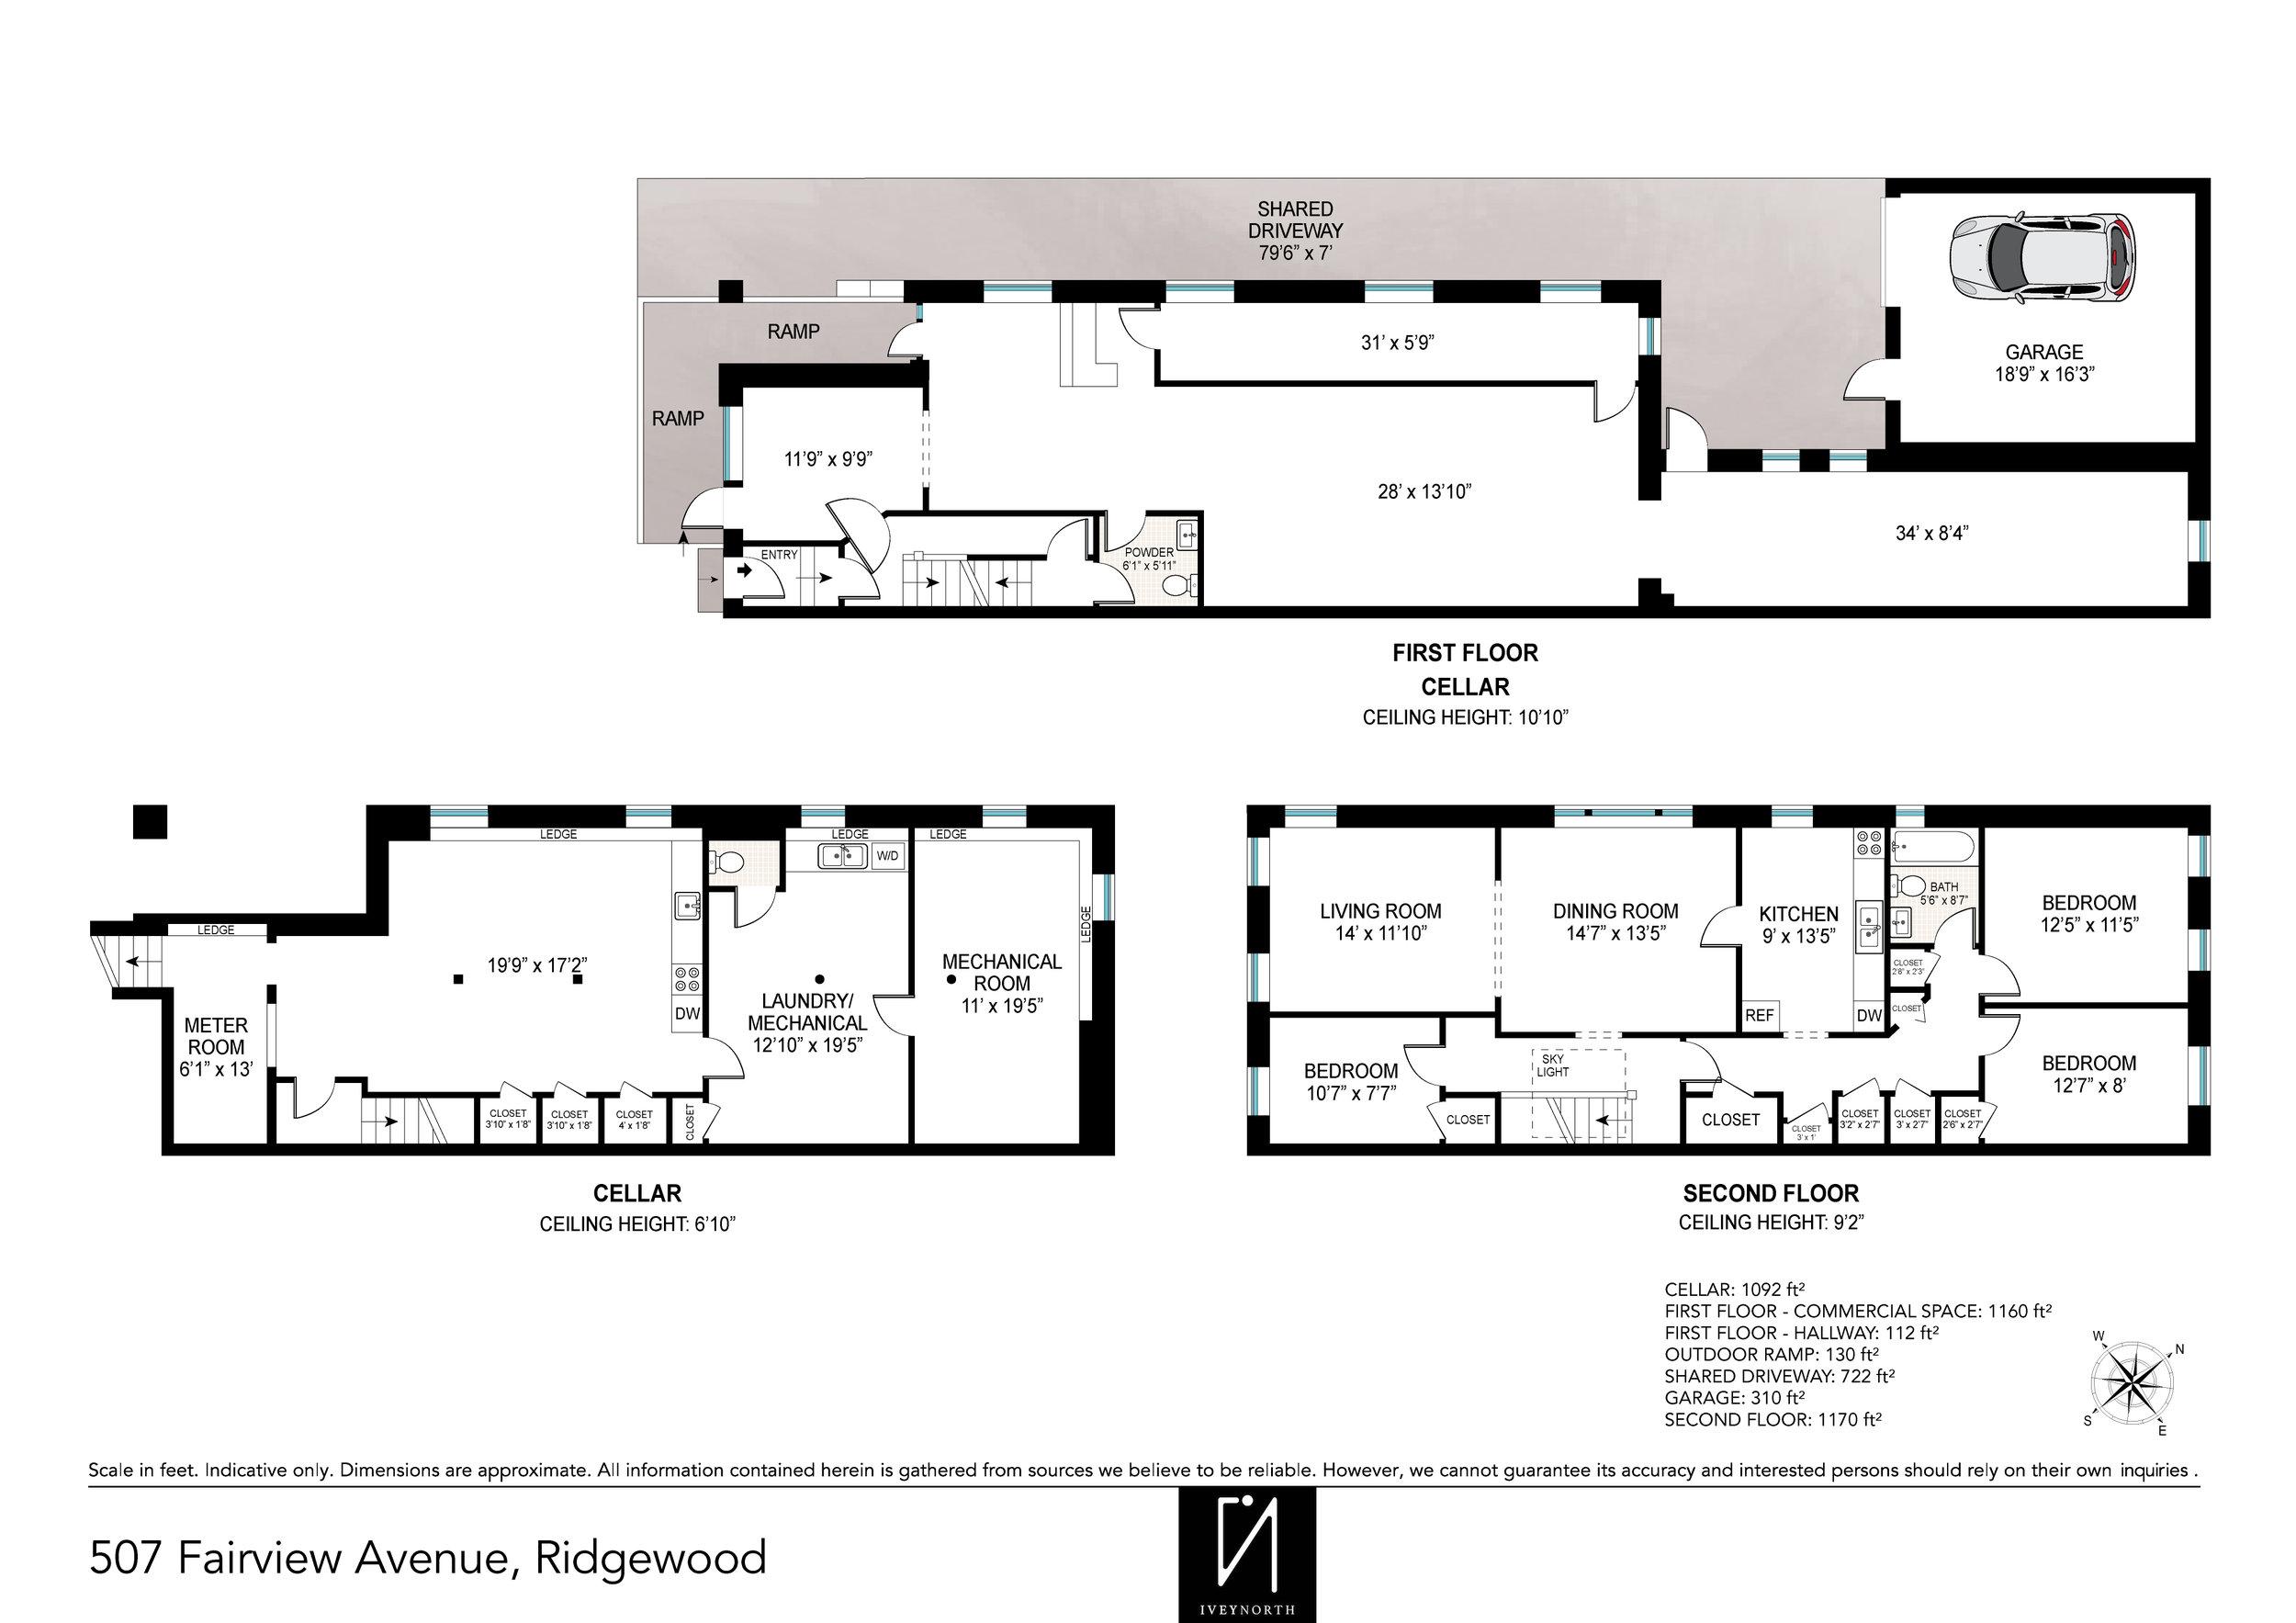 507 Fairview Avenue Fl Plan .jpg